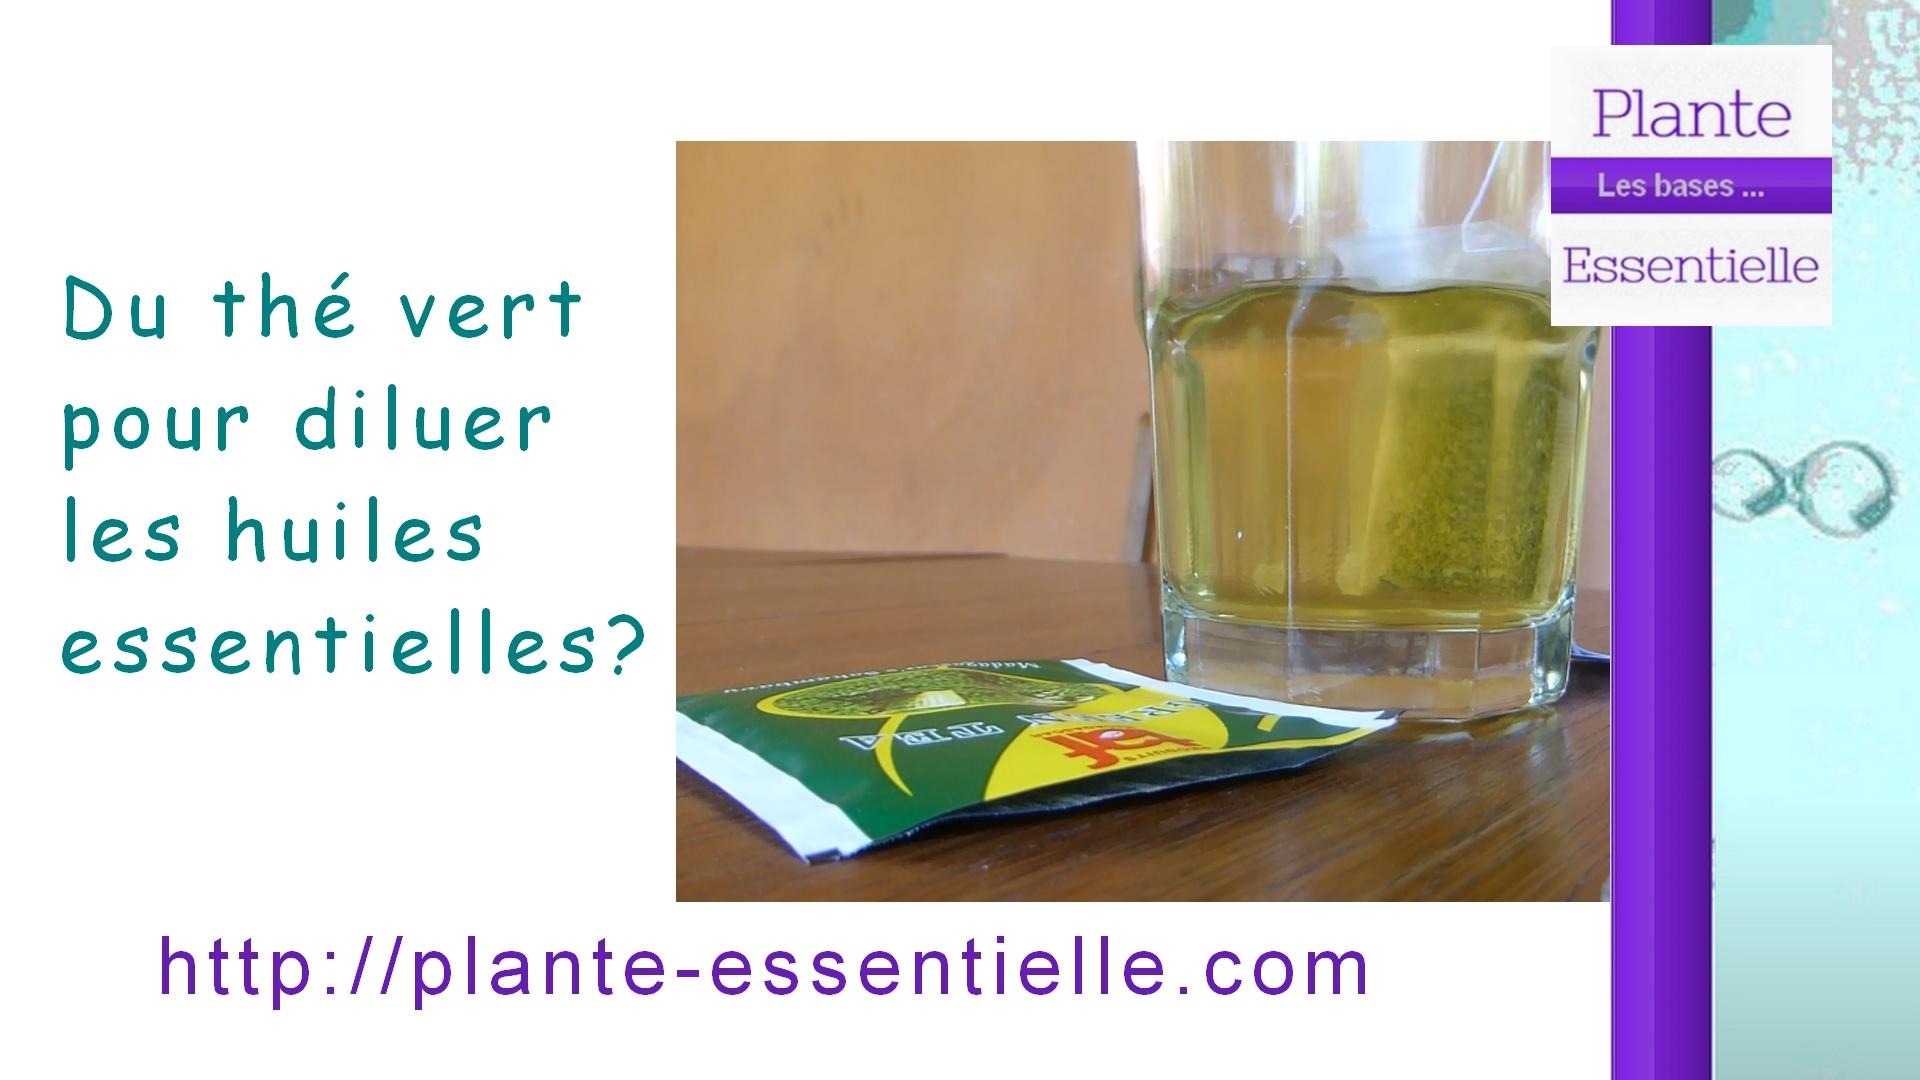 Des huiles essentielles solubles dans le thé?